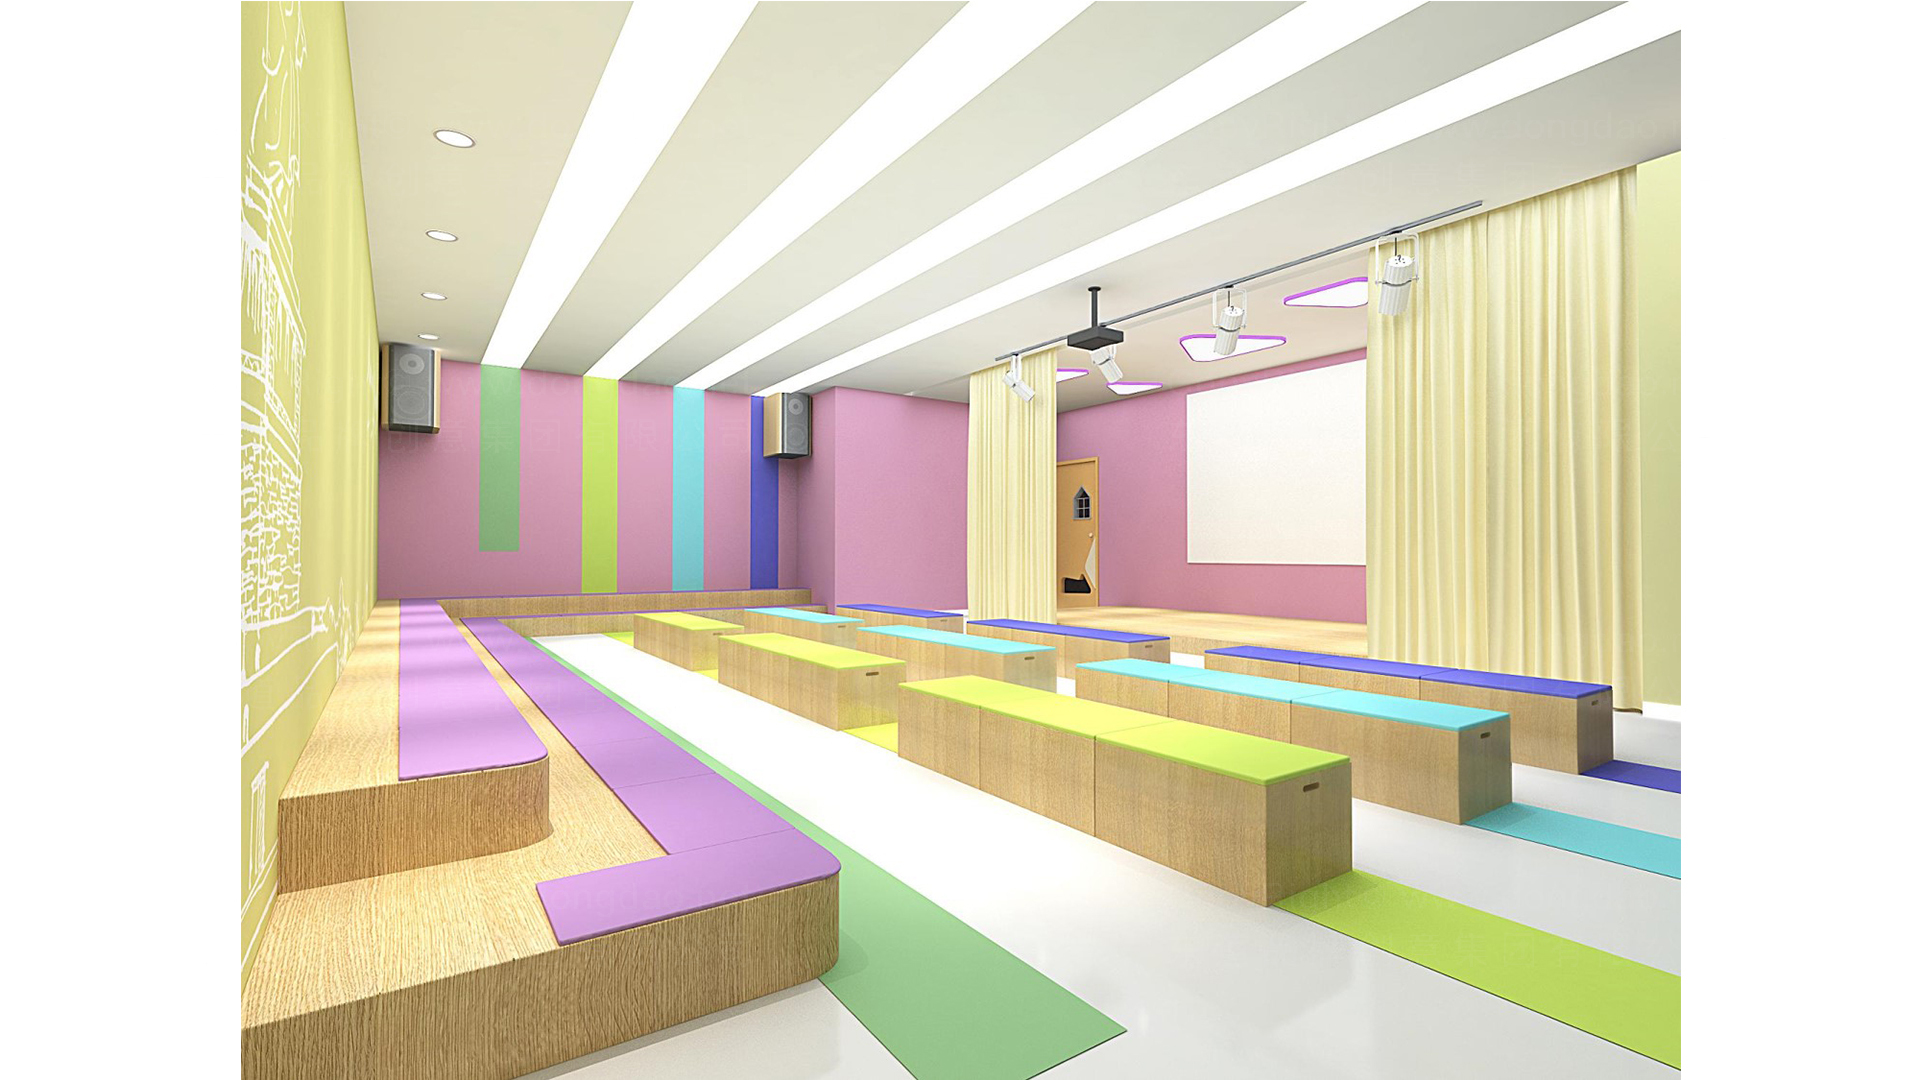 商业空间&导示瑞思SI门店概念设计应用场景_3